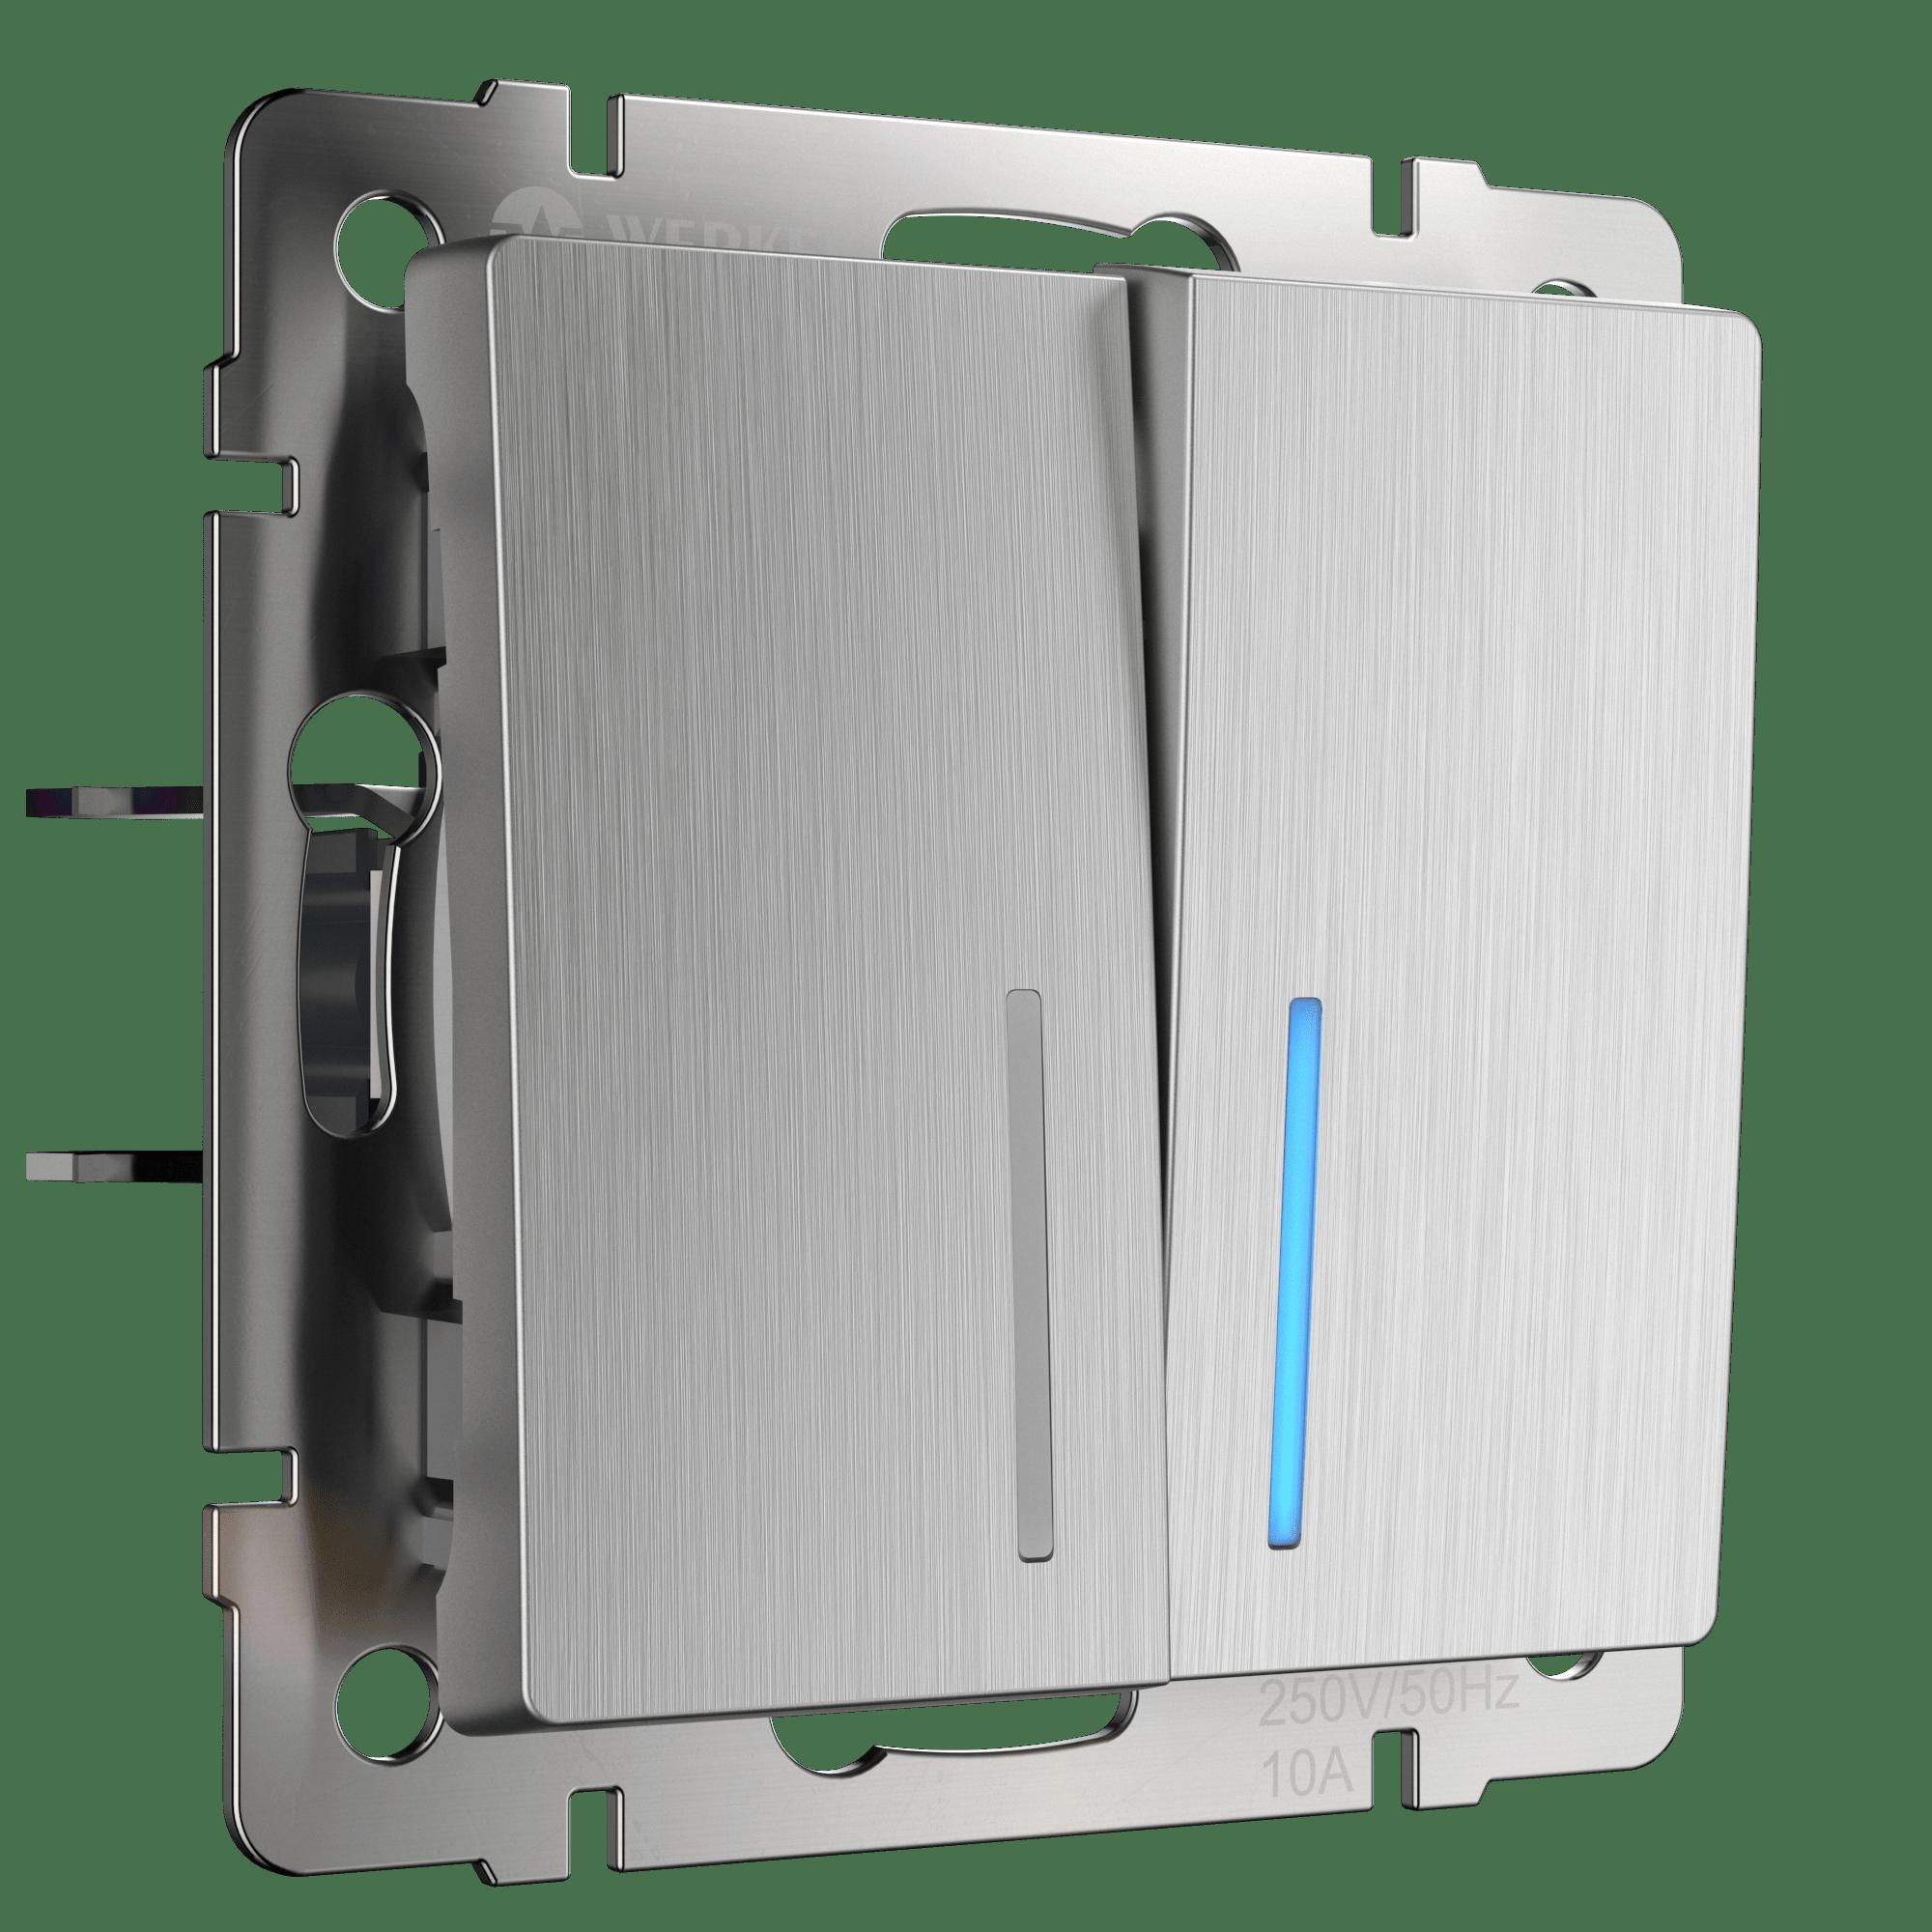 WL09-SW-2G-LED / Выключатель двухклавишный с подсветкой (cеребряный рифленый)